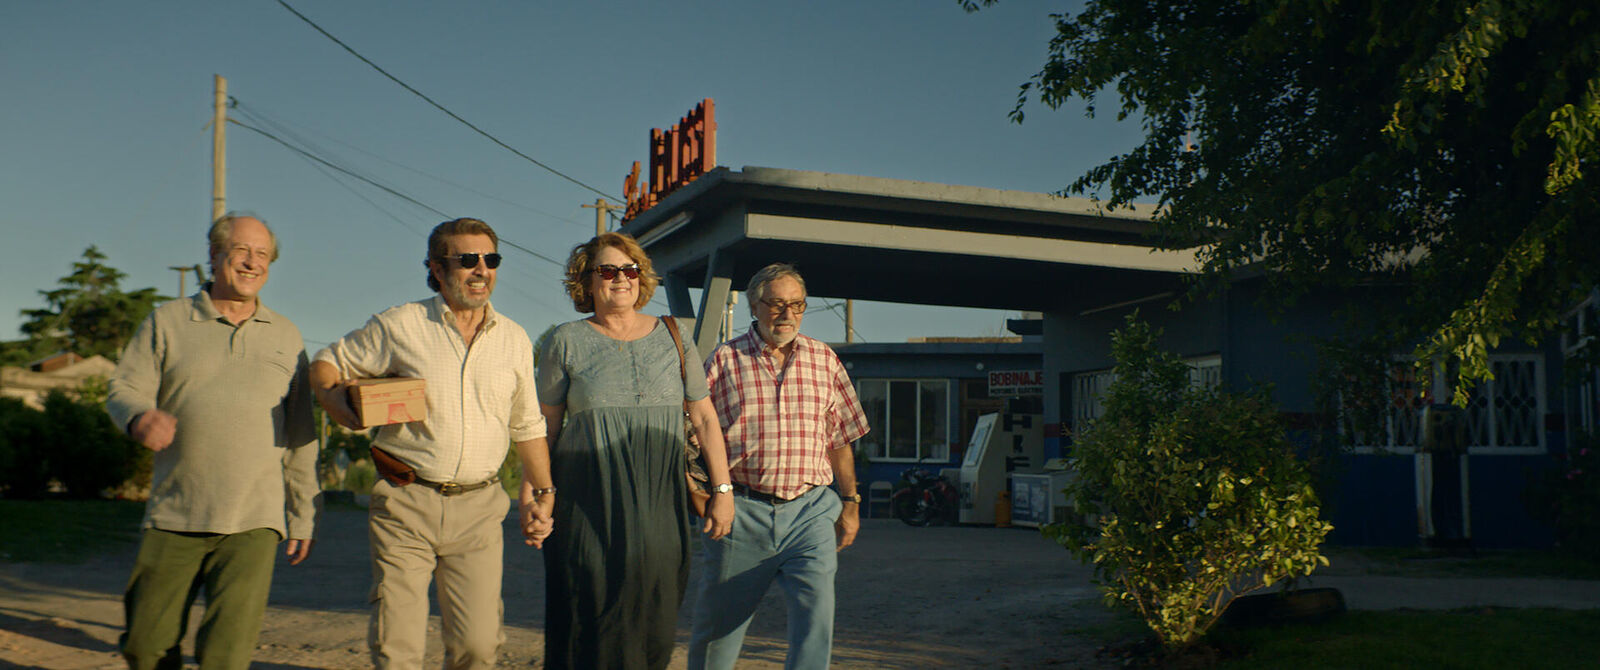 Filmbezoek corona-proof: wat kunt u verwachten?